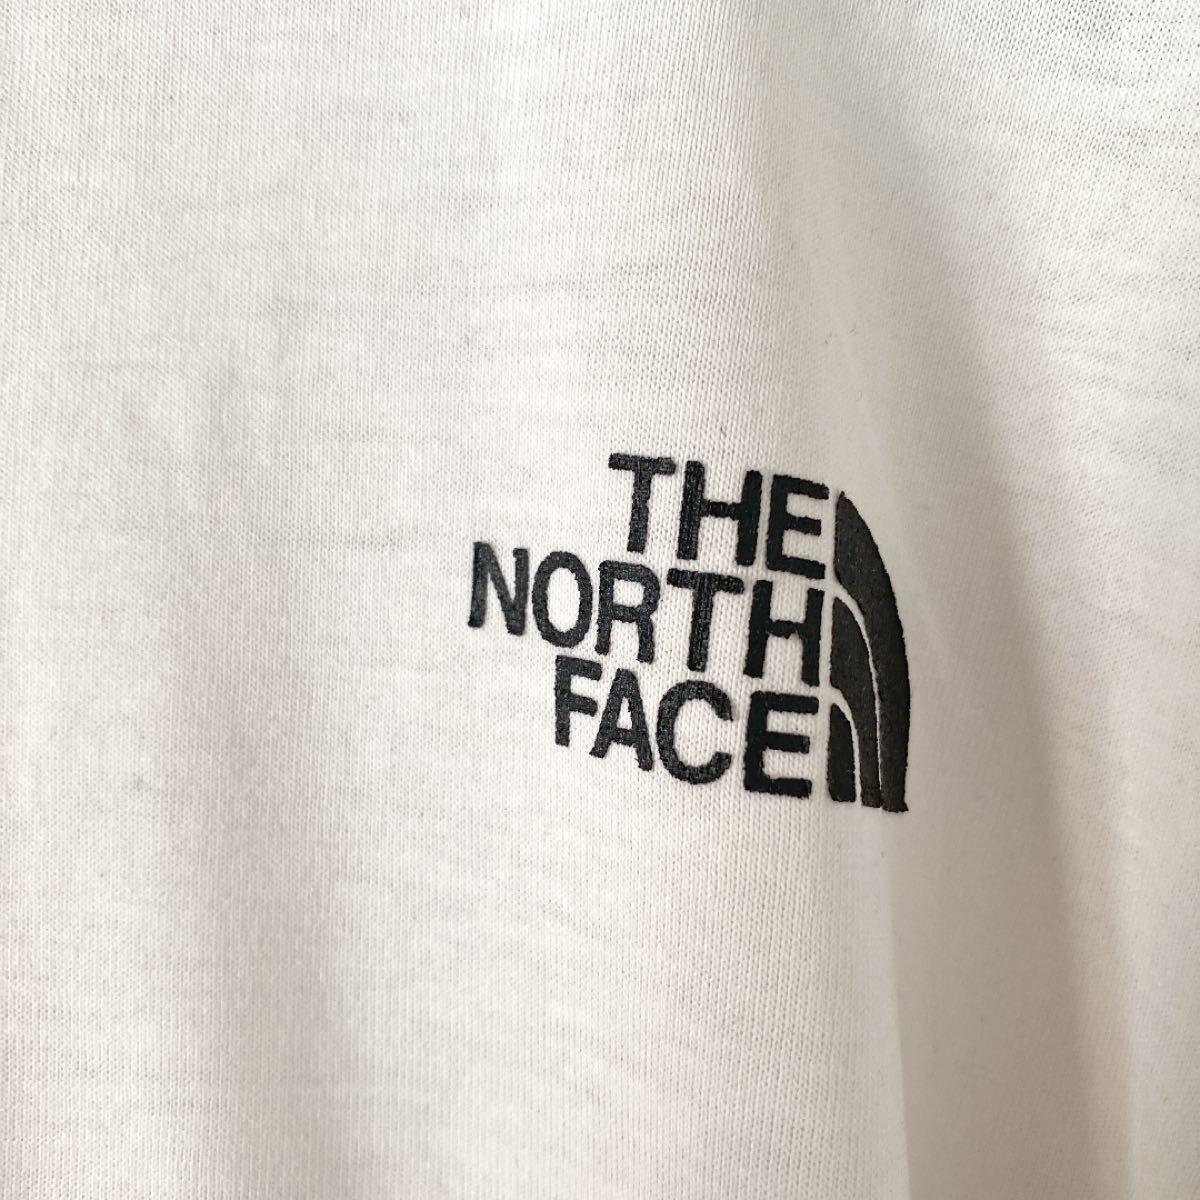 THE NORTH FACE ザ・ノースフェイス Tシャツ 半袖 ロゴ